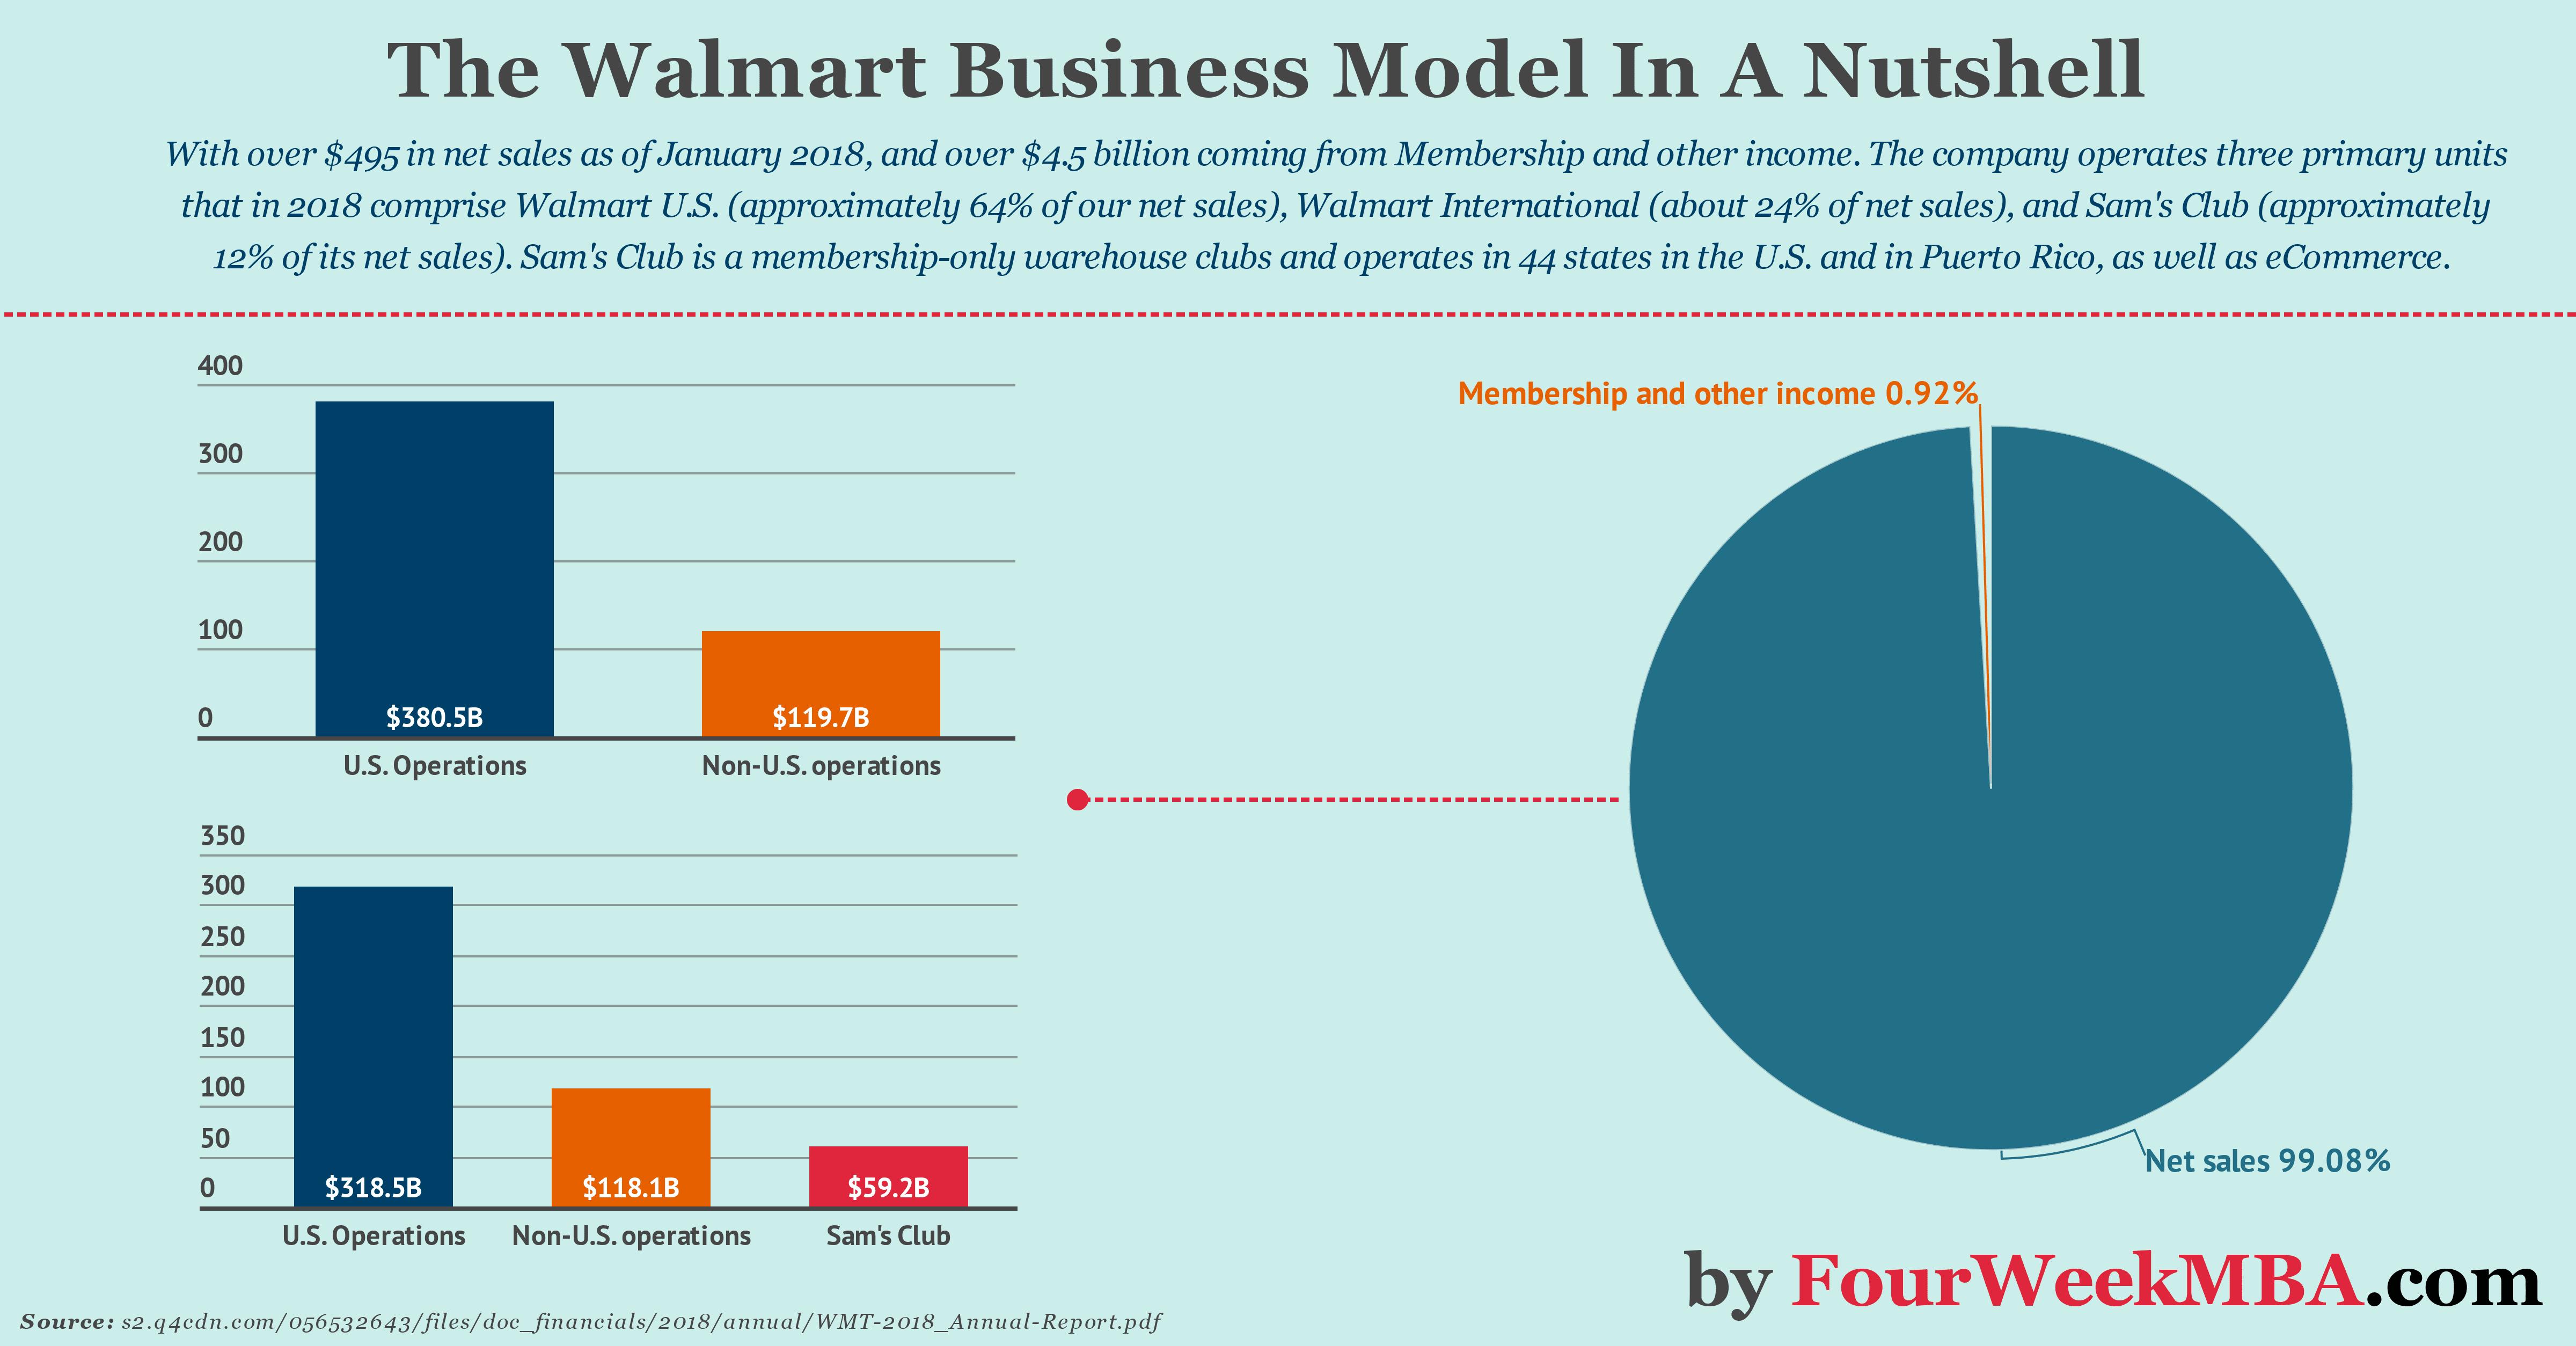 76859fd8826ea0 The Walmart Business Model In A Nutshell - FourWeekMBA